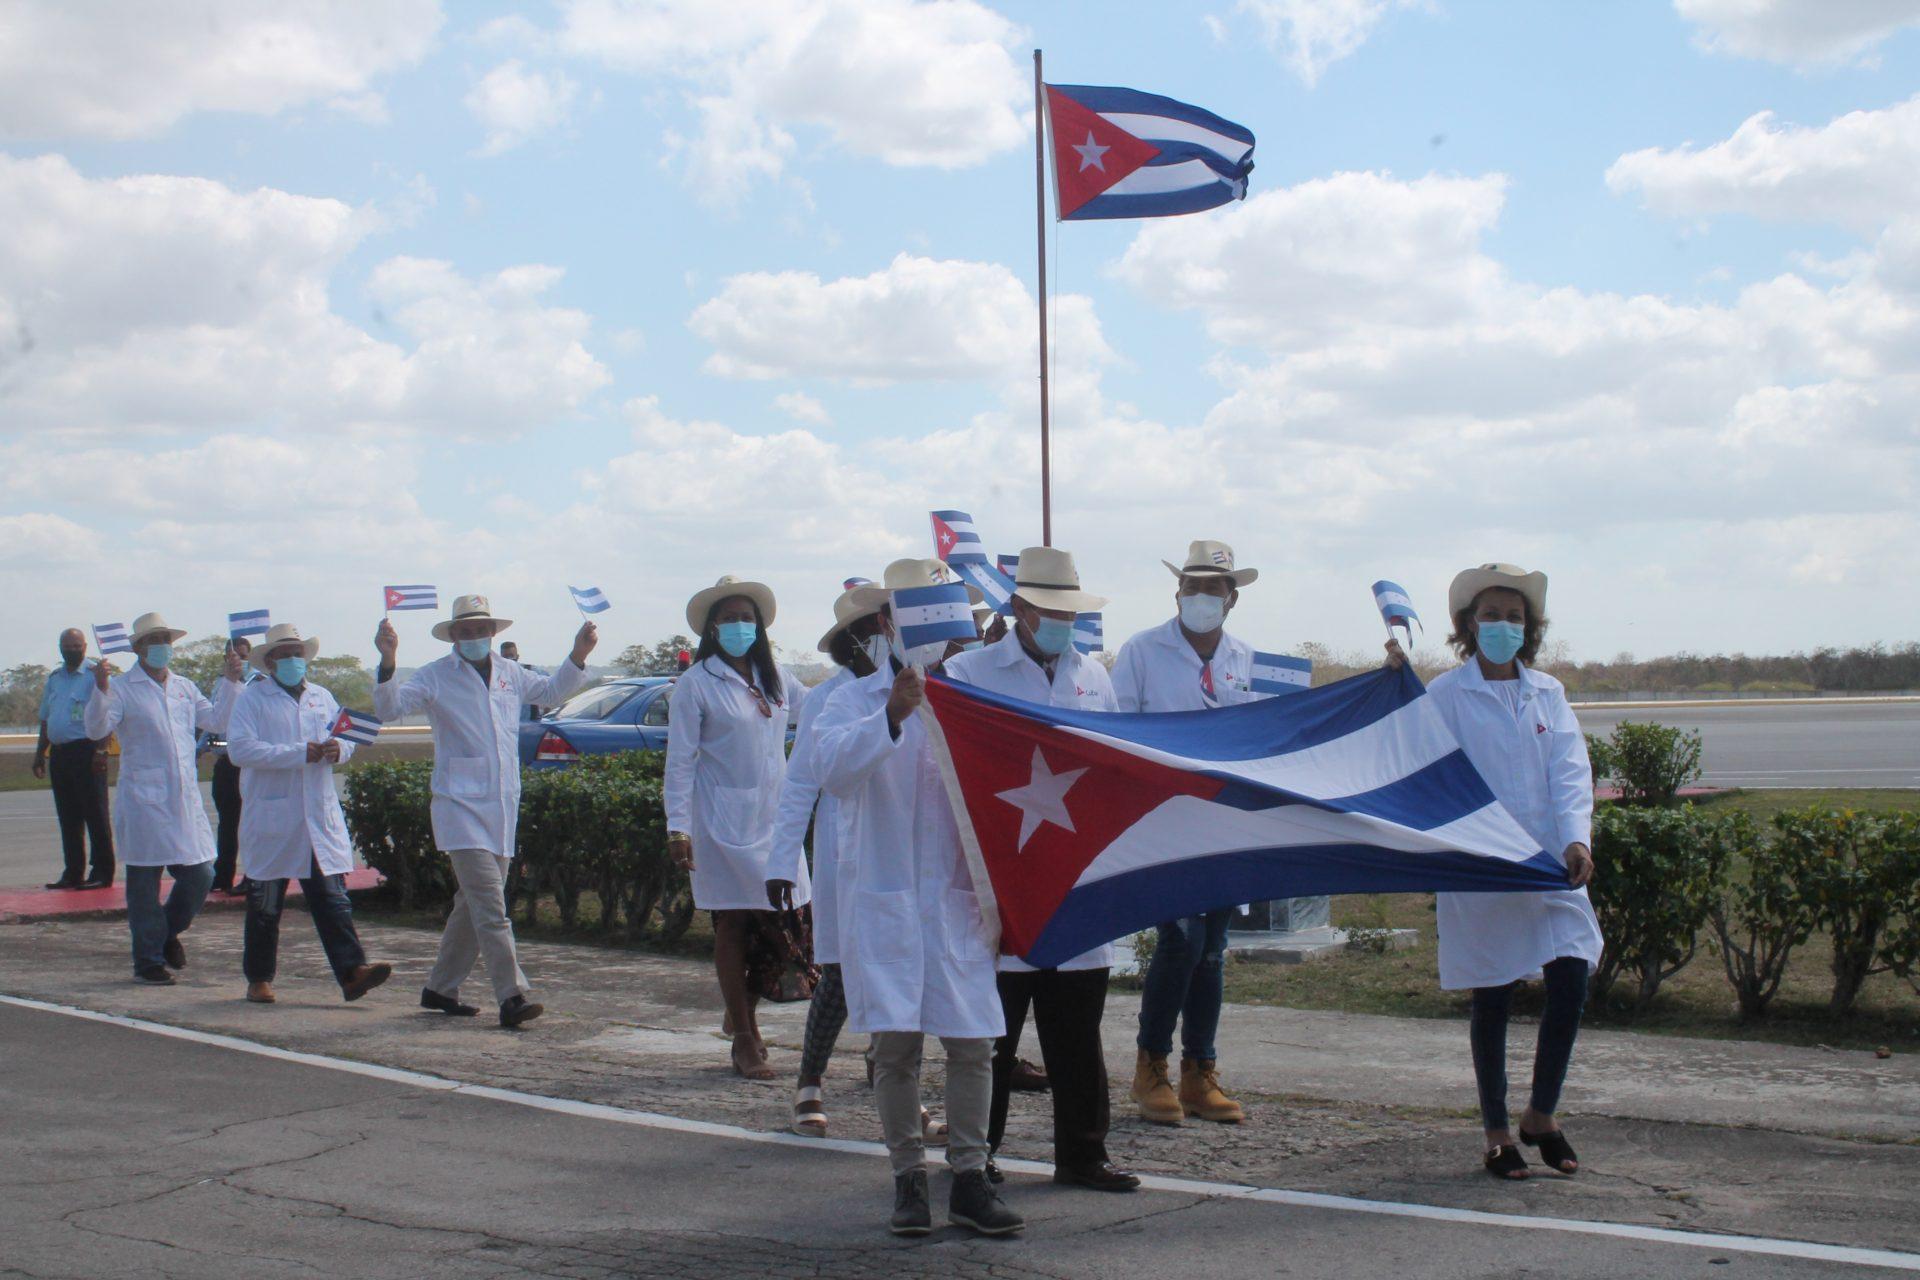 Regresa a Cuba brigada médica que asistió a damnificados de tormentas tropicales en Honduras (+ Foto)